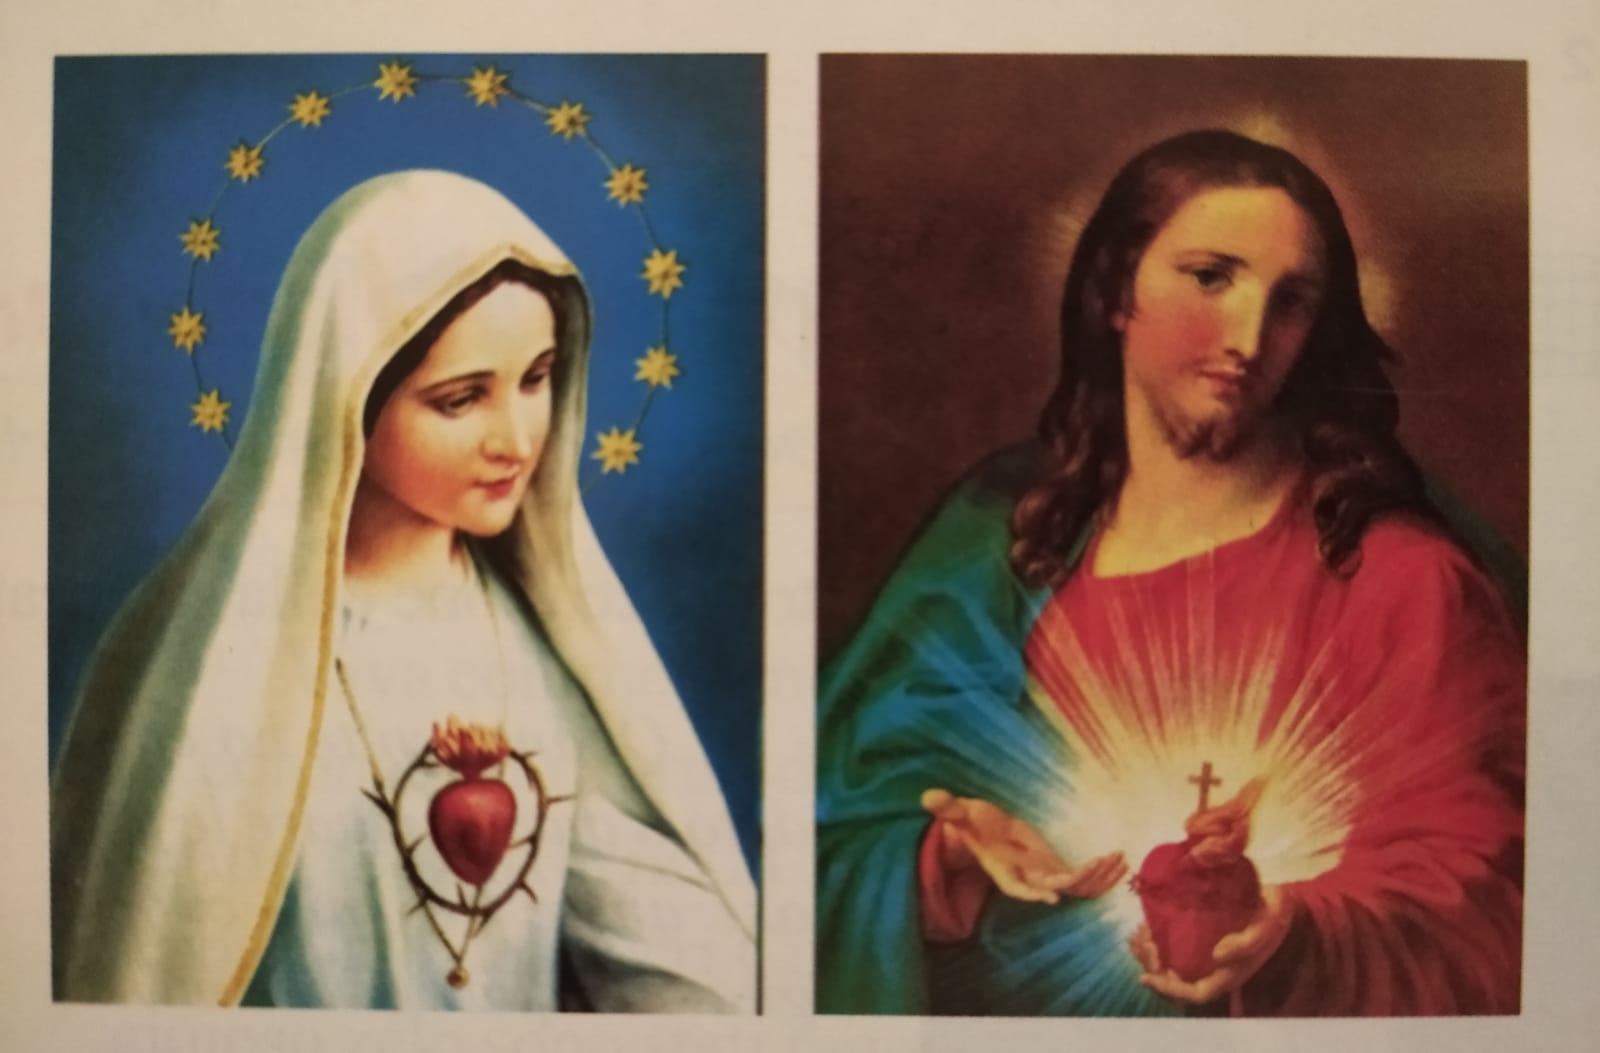 Opera Apostolato Sacri Cuori Gesù e Maria compie 30 anni